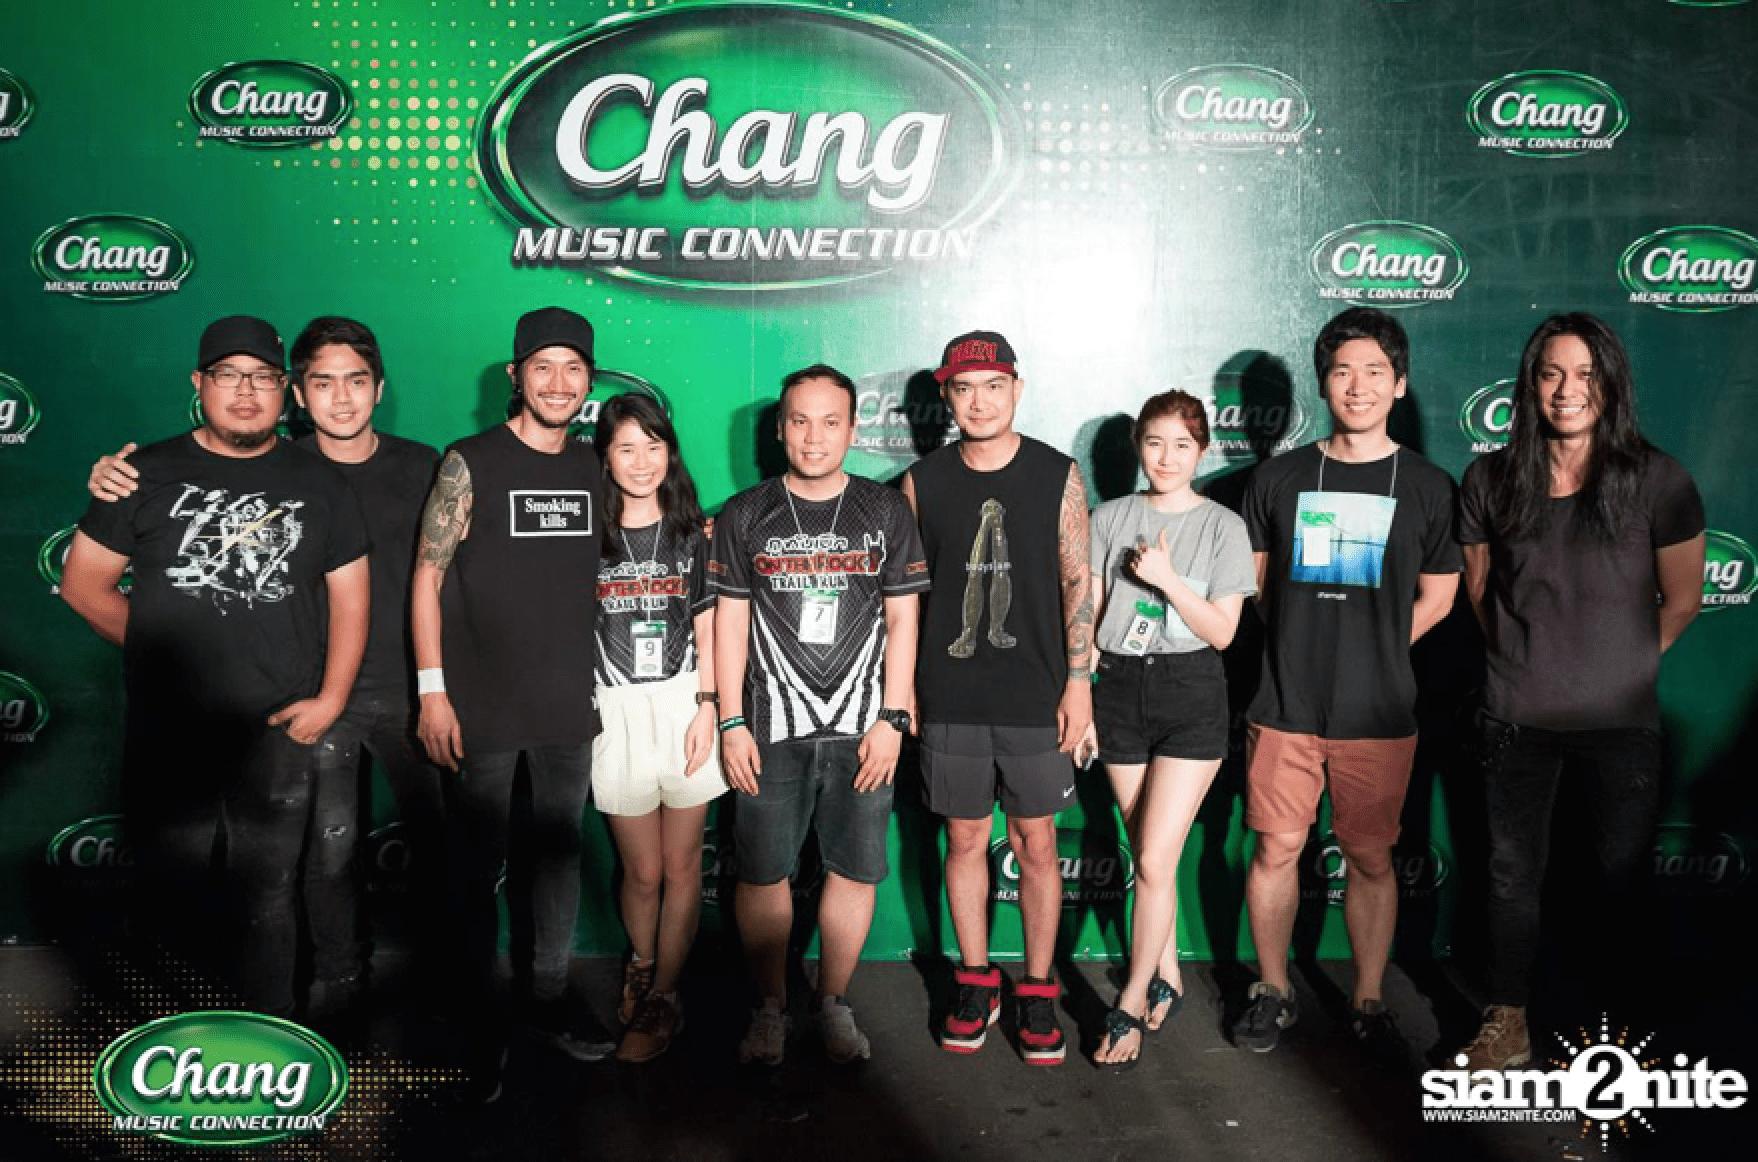 Chang beer targets kids